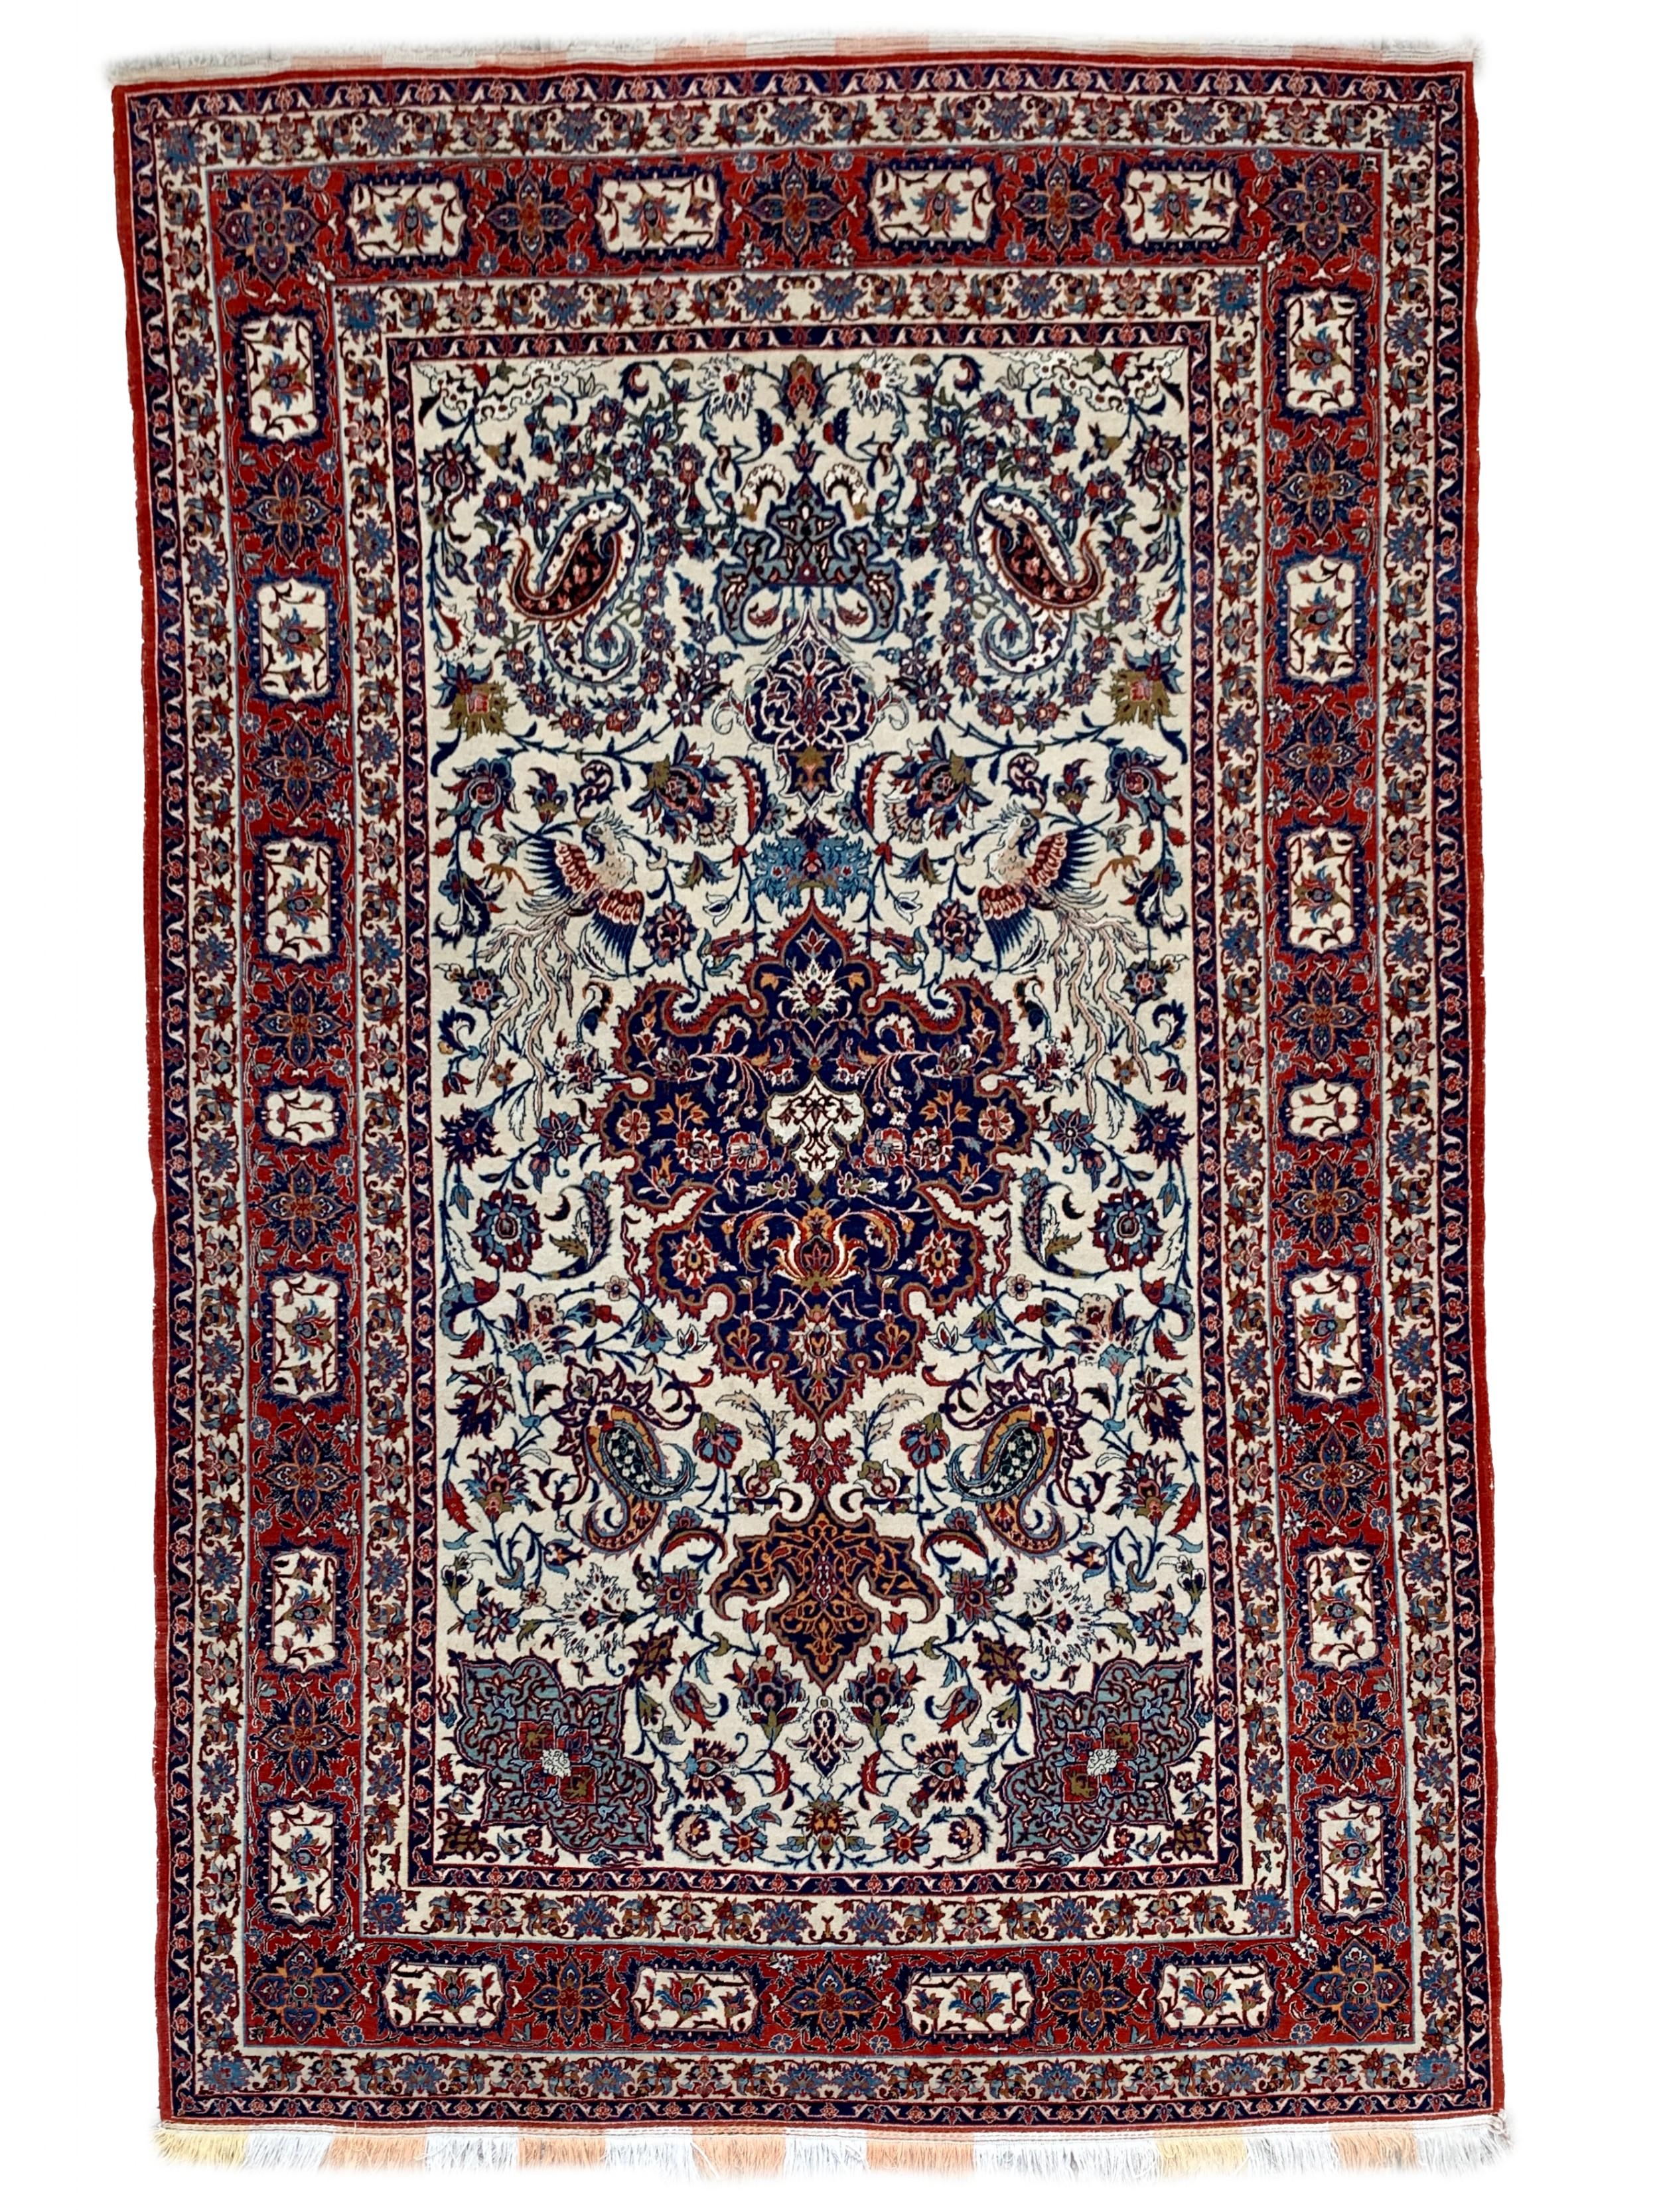 a partsilk isfahan rug central persia circa 1940